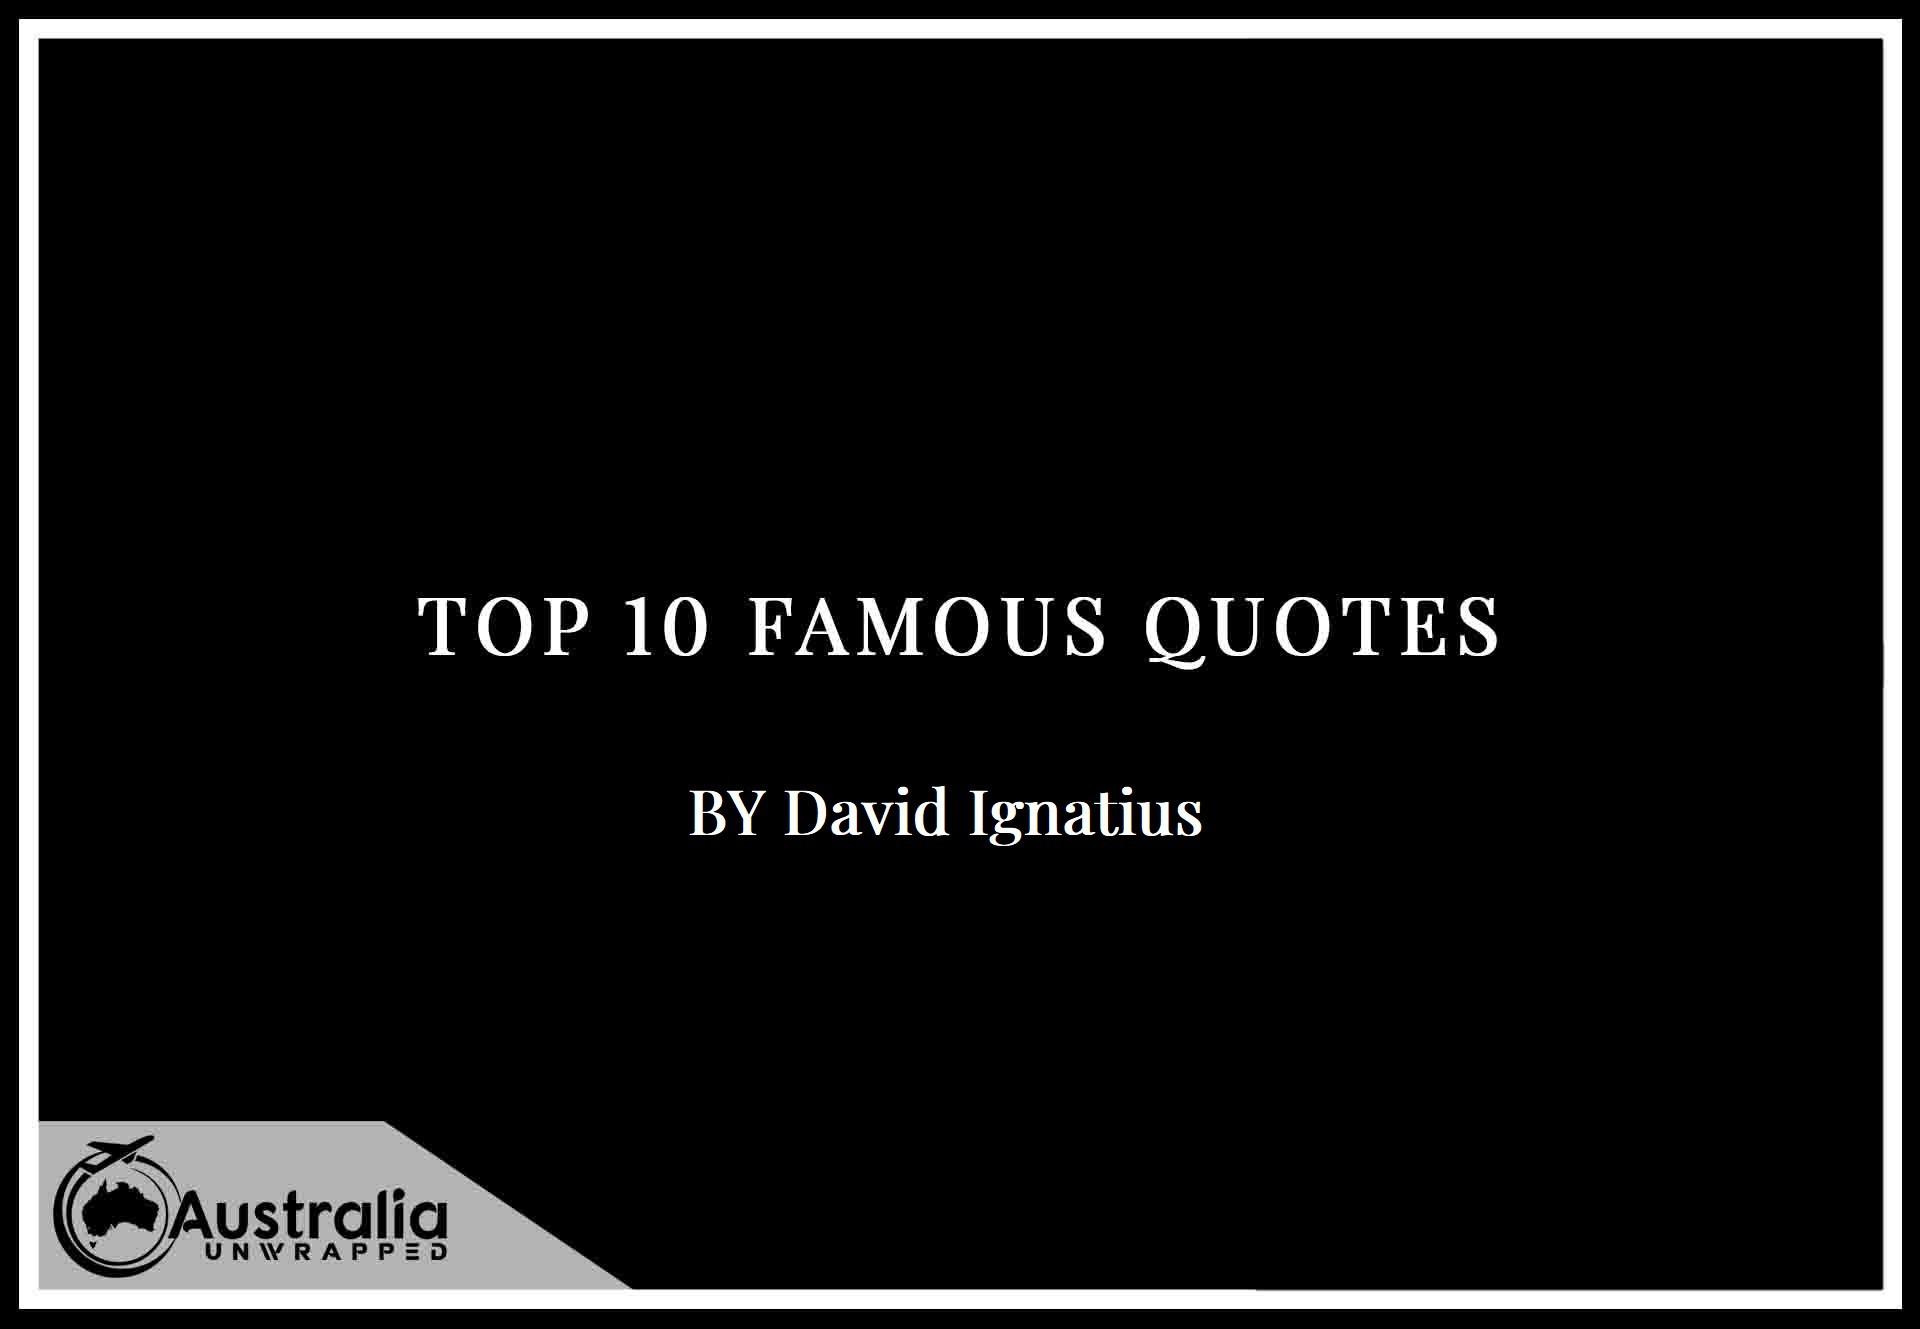 Top 10 Famous Quotes by Author David Ignatius